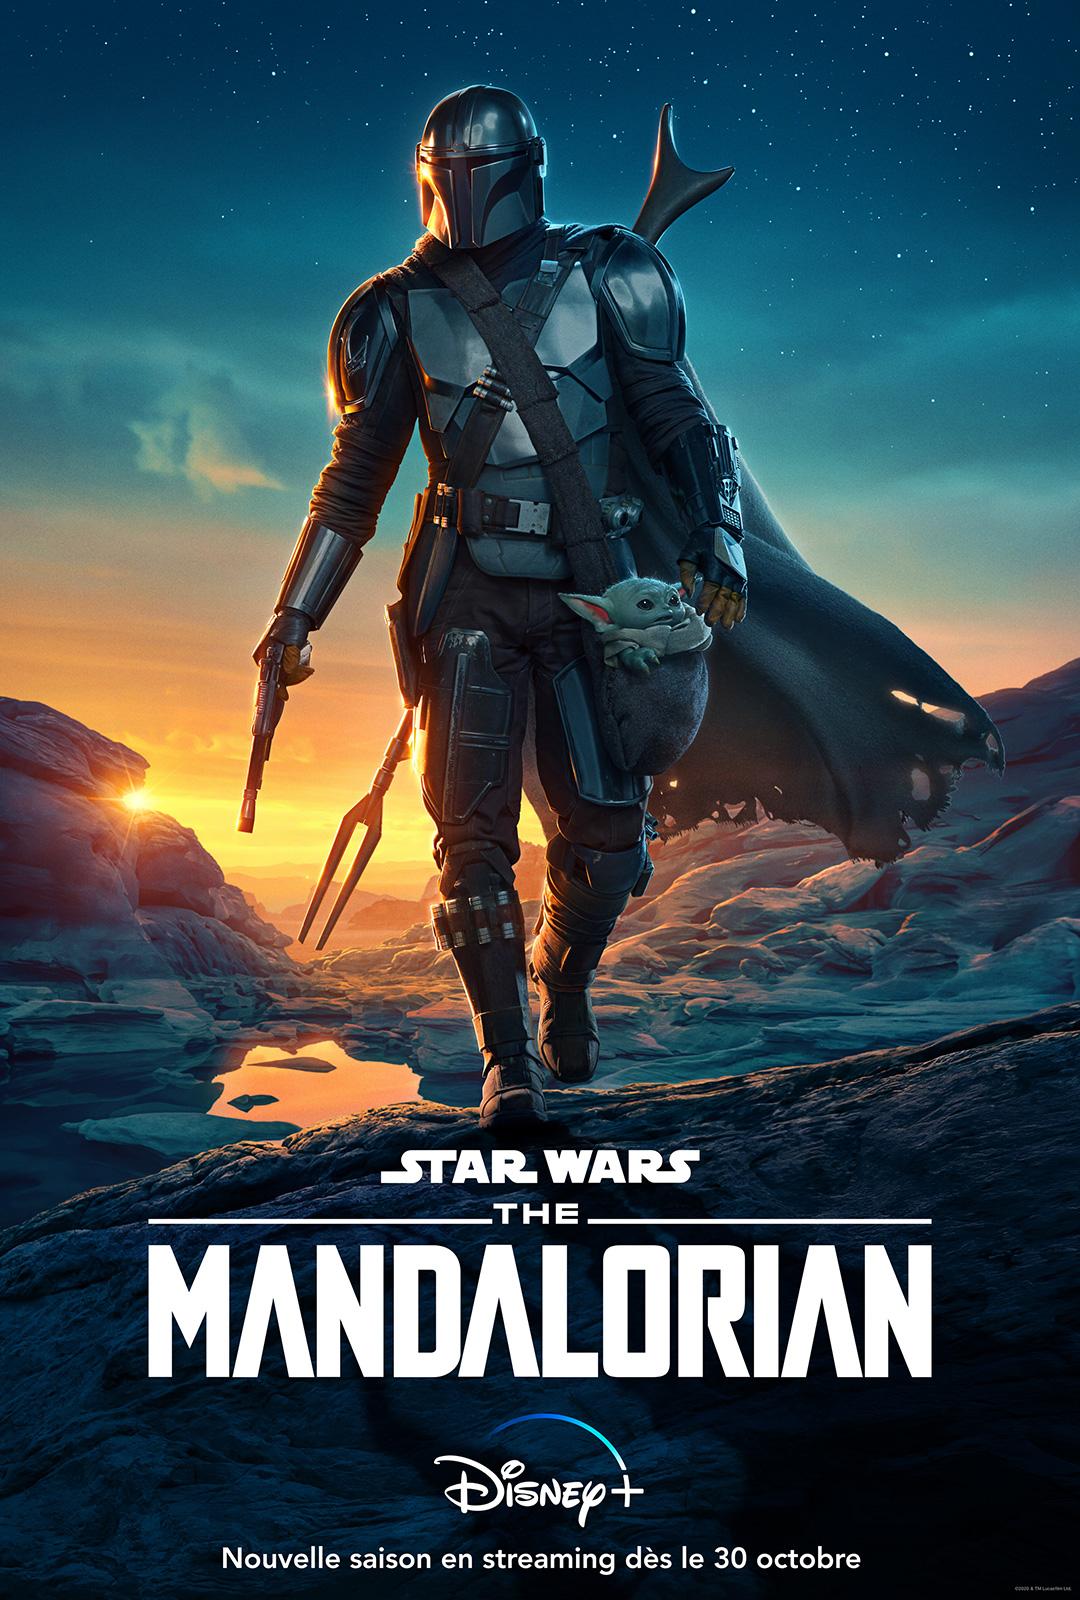 35 - The Mandalorian